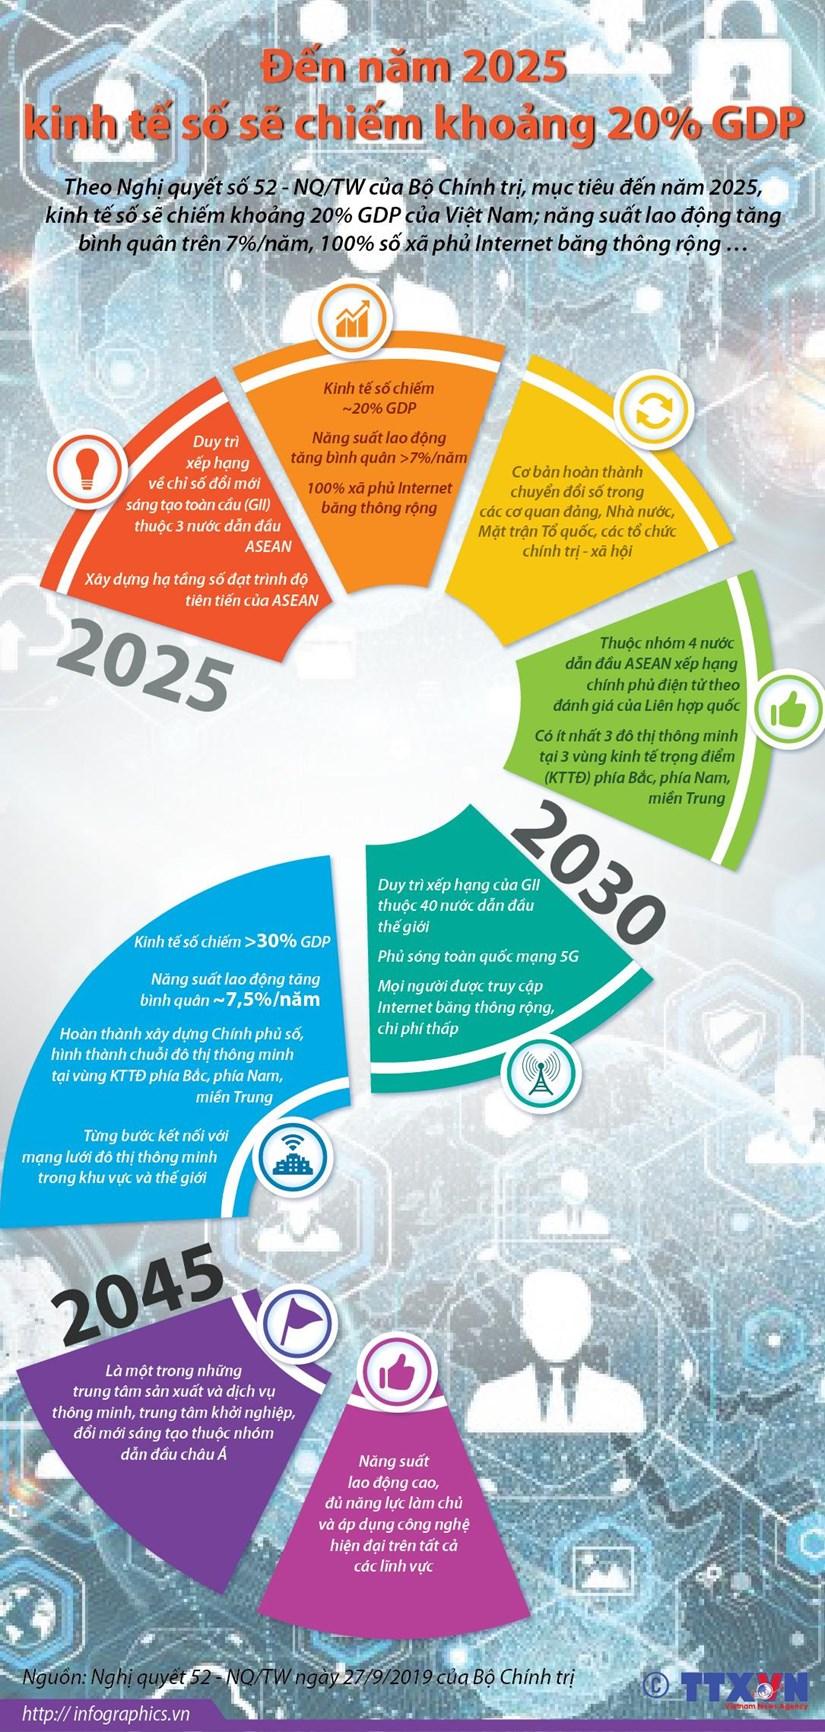 [Infographics] Den nam 2025, kinh te so se chiem khoang 20% GDP hinh anh 1